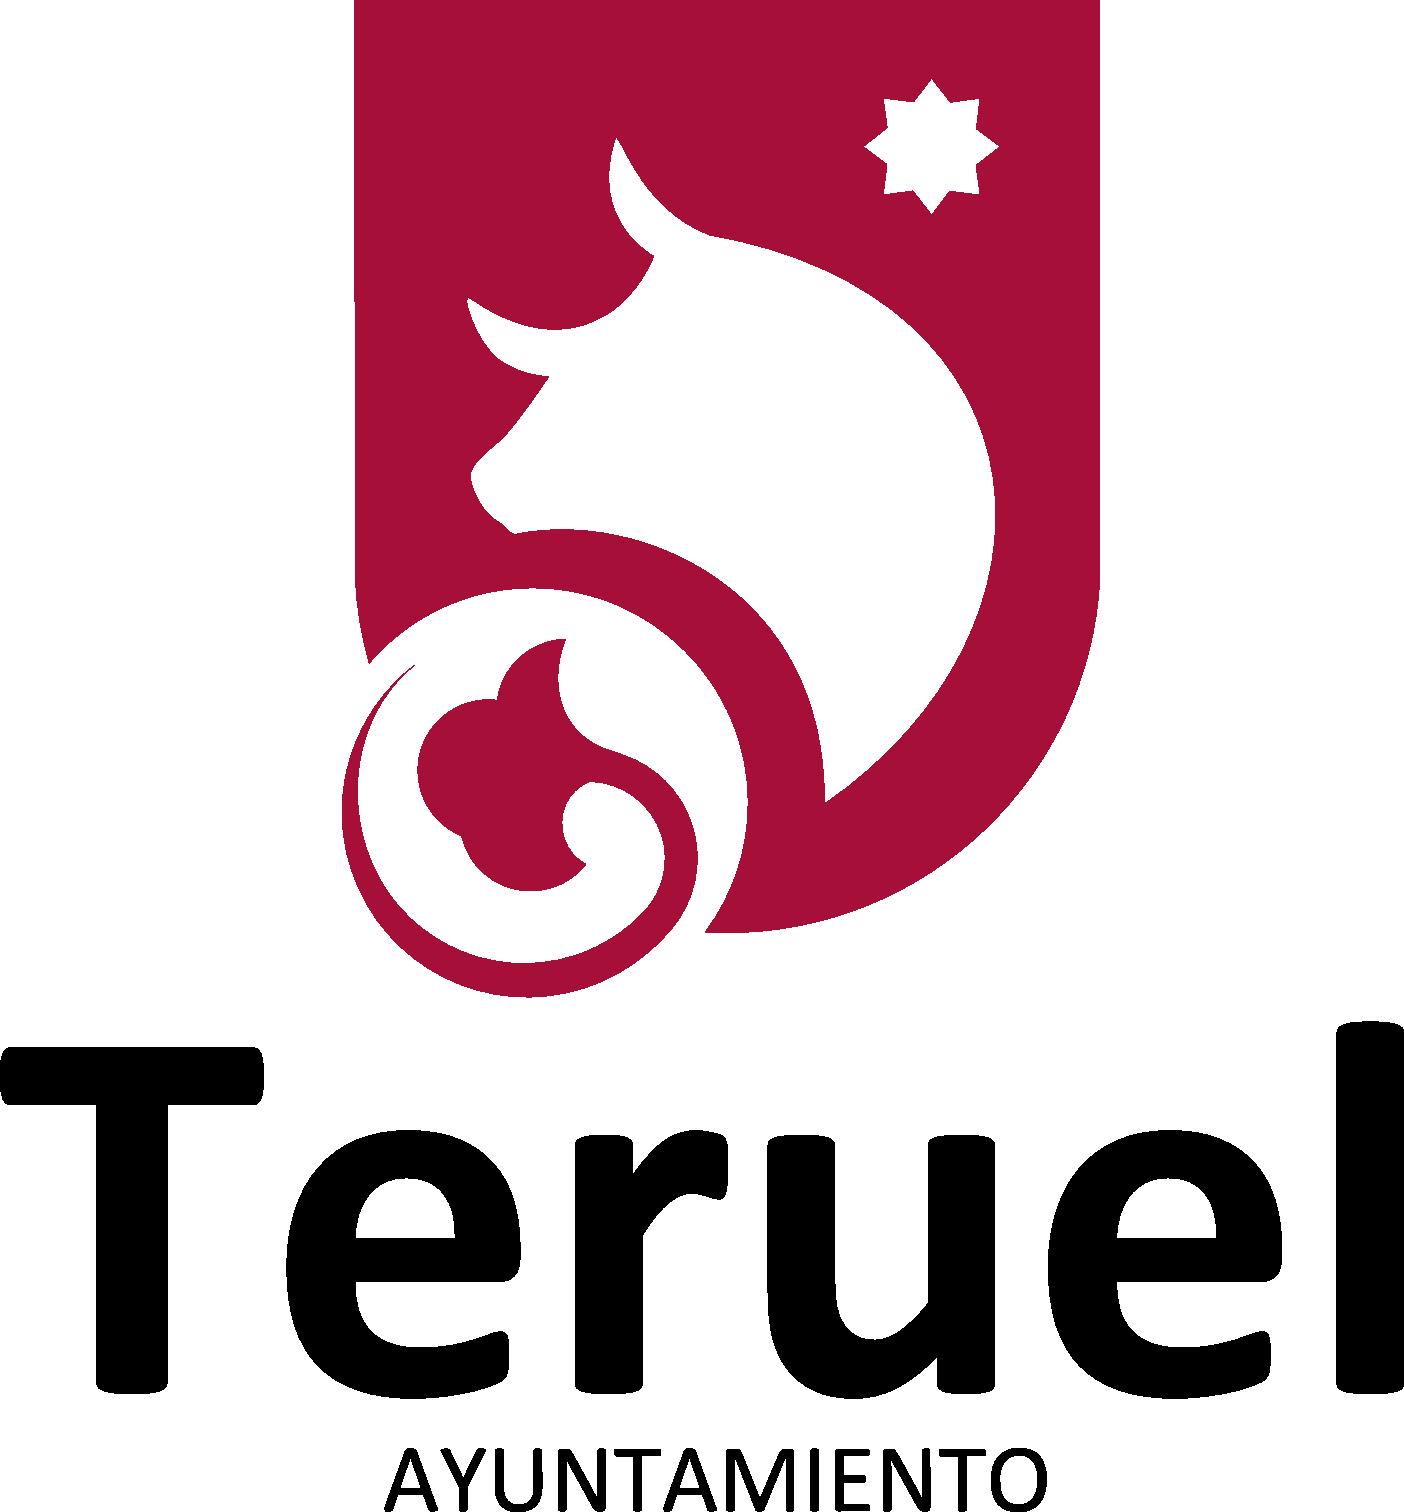 Ayuntamiento Teruel logo